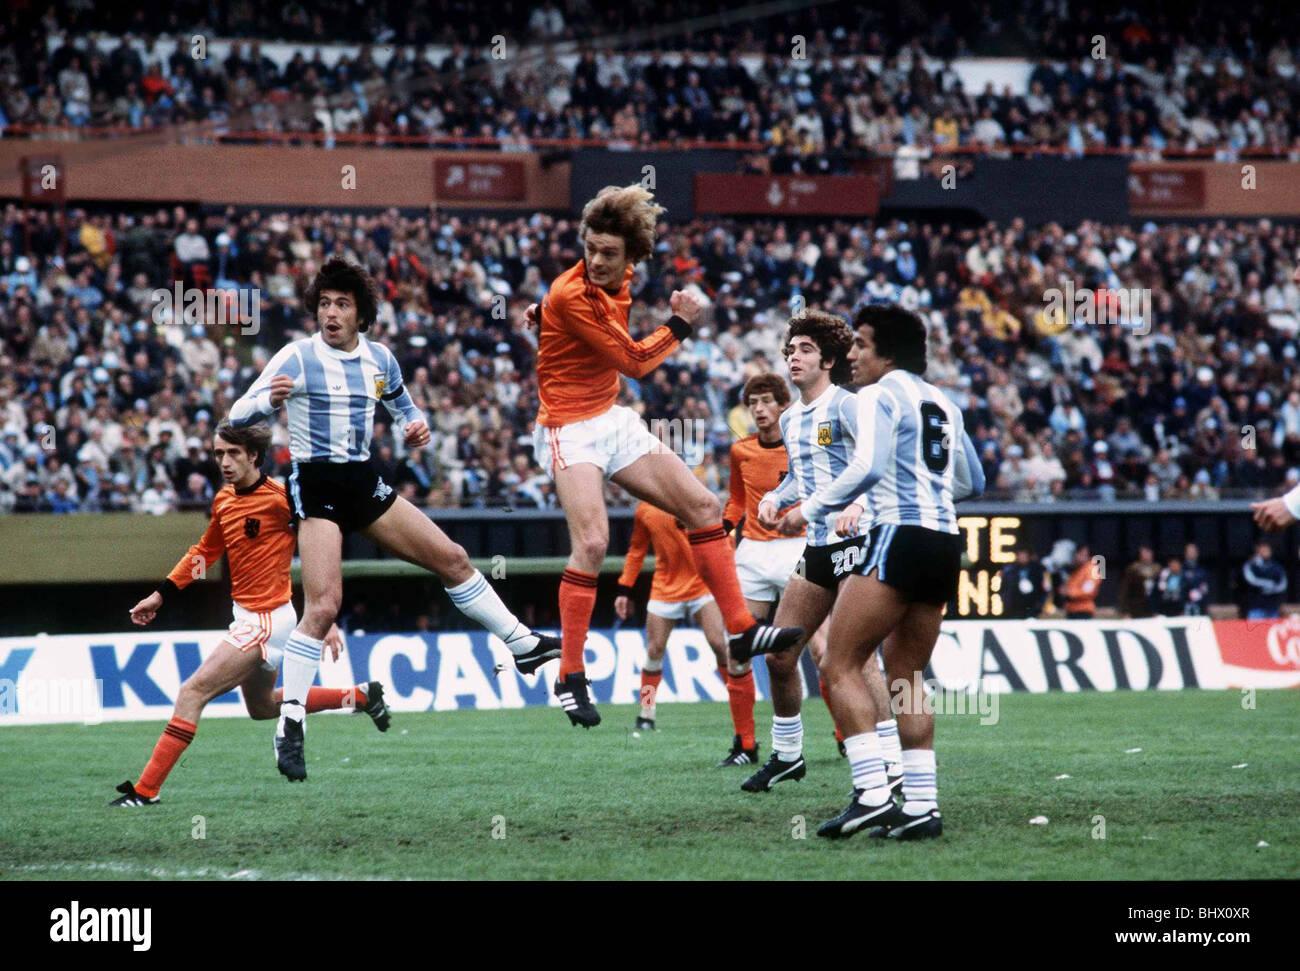 Finale de la coupe du monde 1978 holland v argentine - Finale coupe du monde 1978 ...